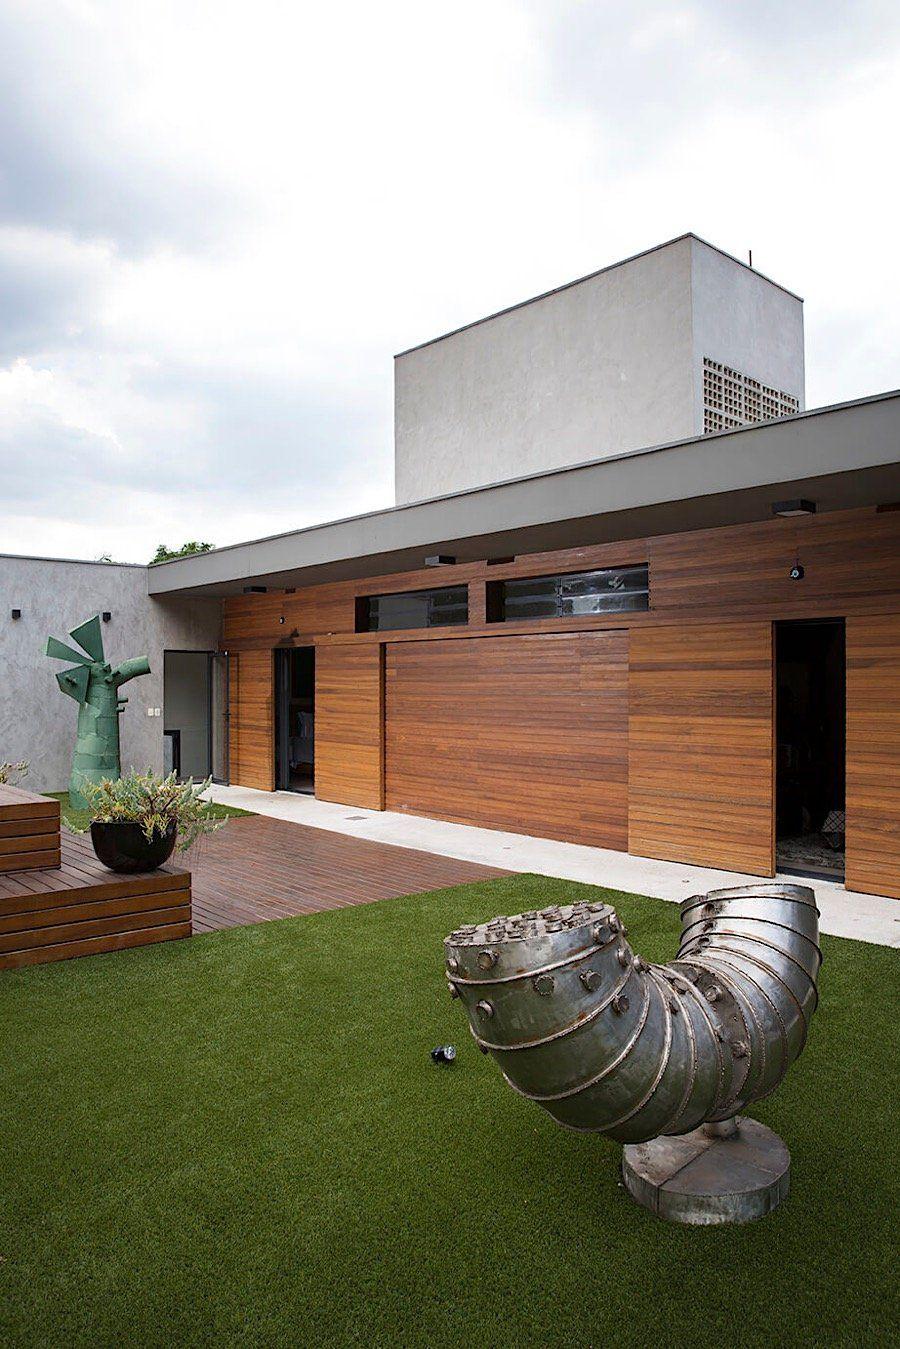 Das Haus Von Bildhauer Cacipore Torres Wenn Sich Kunstler Wie Der